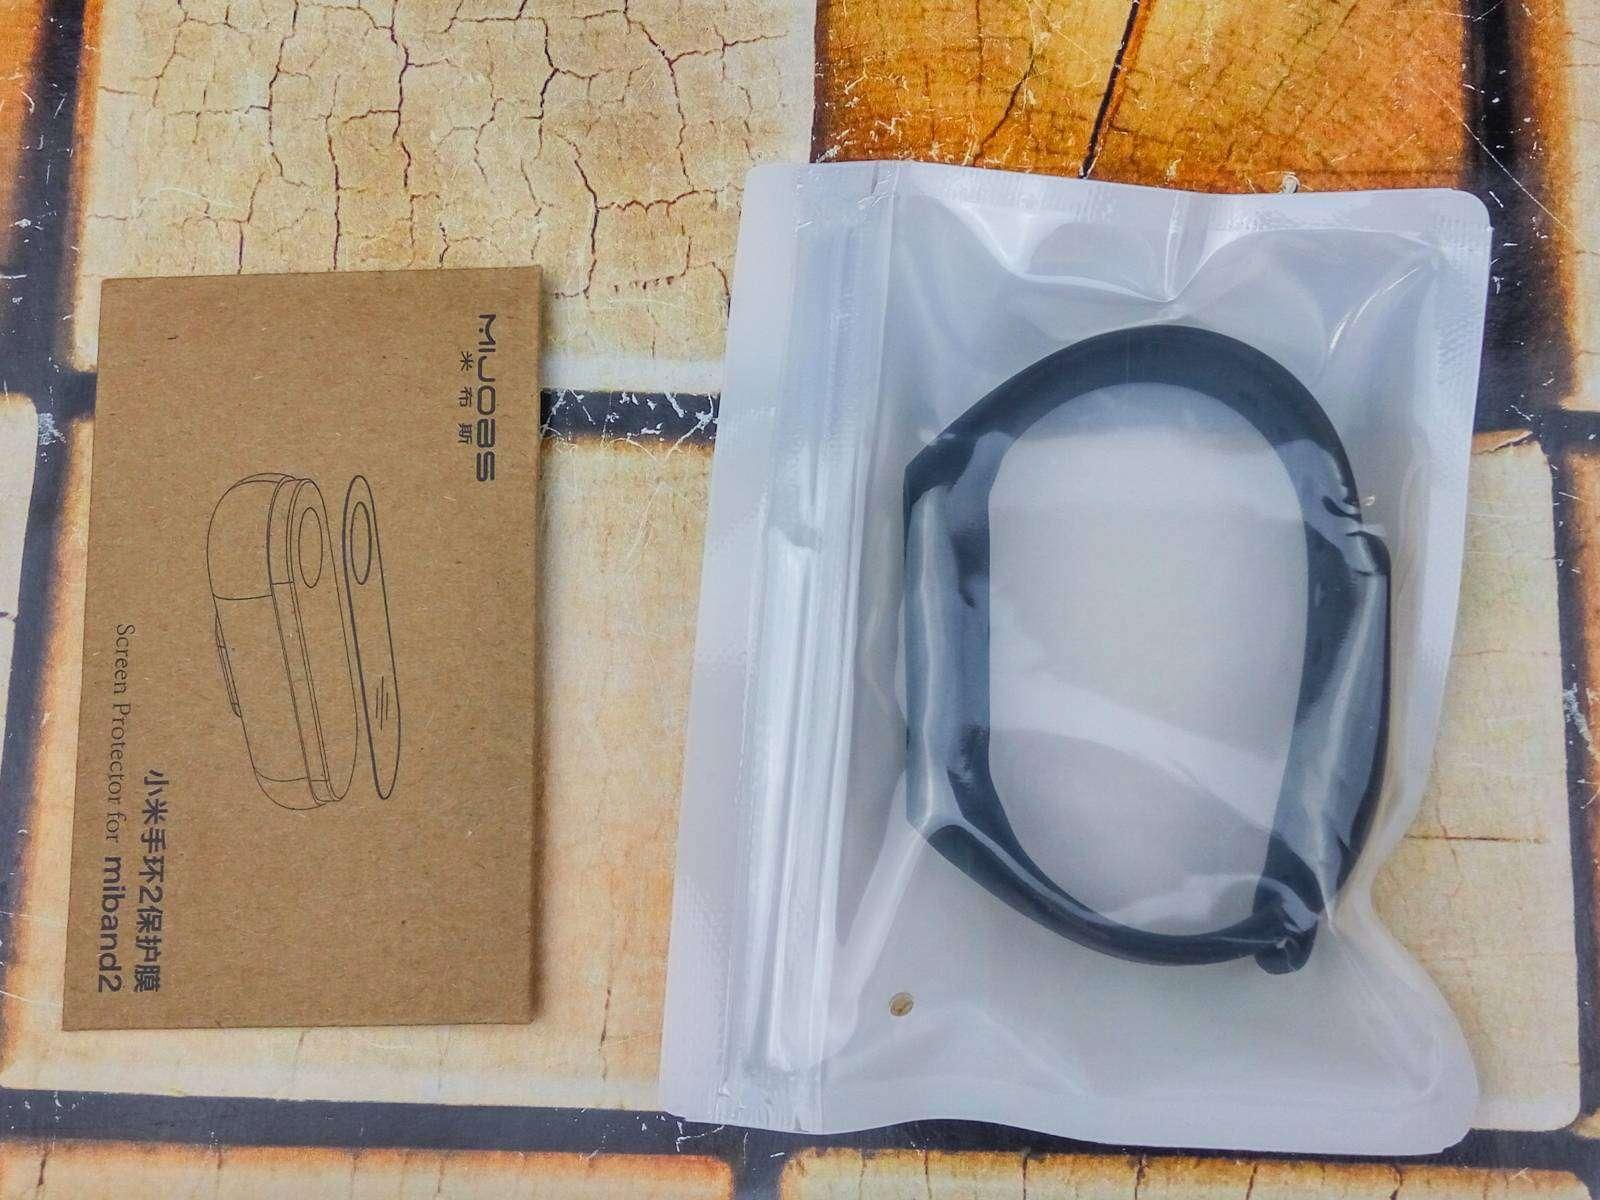 Aliexpress: Обзор Xiaomi Mi Band 2 - продолжение отличной линейки смартбраслетов